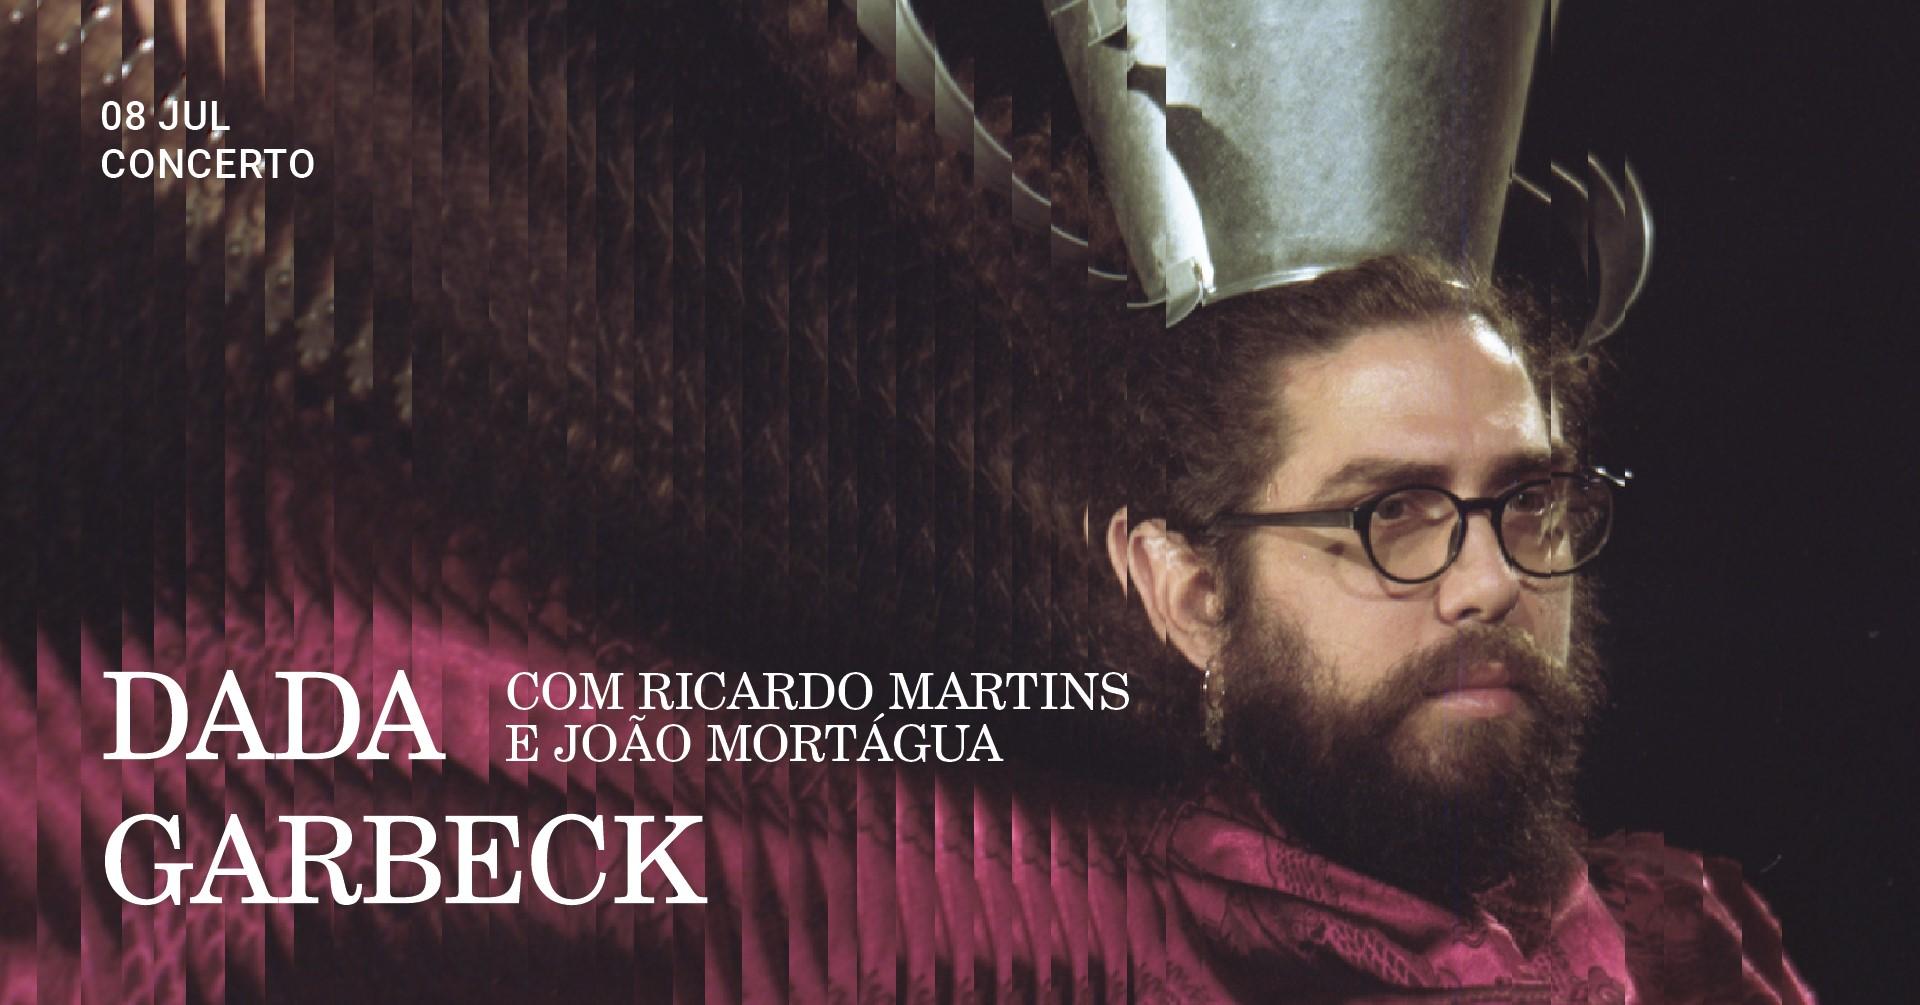 Dada Garbeck com Ricardo Martins e João Mortágua